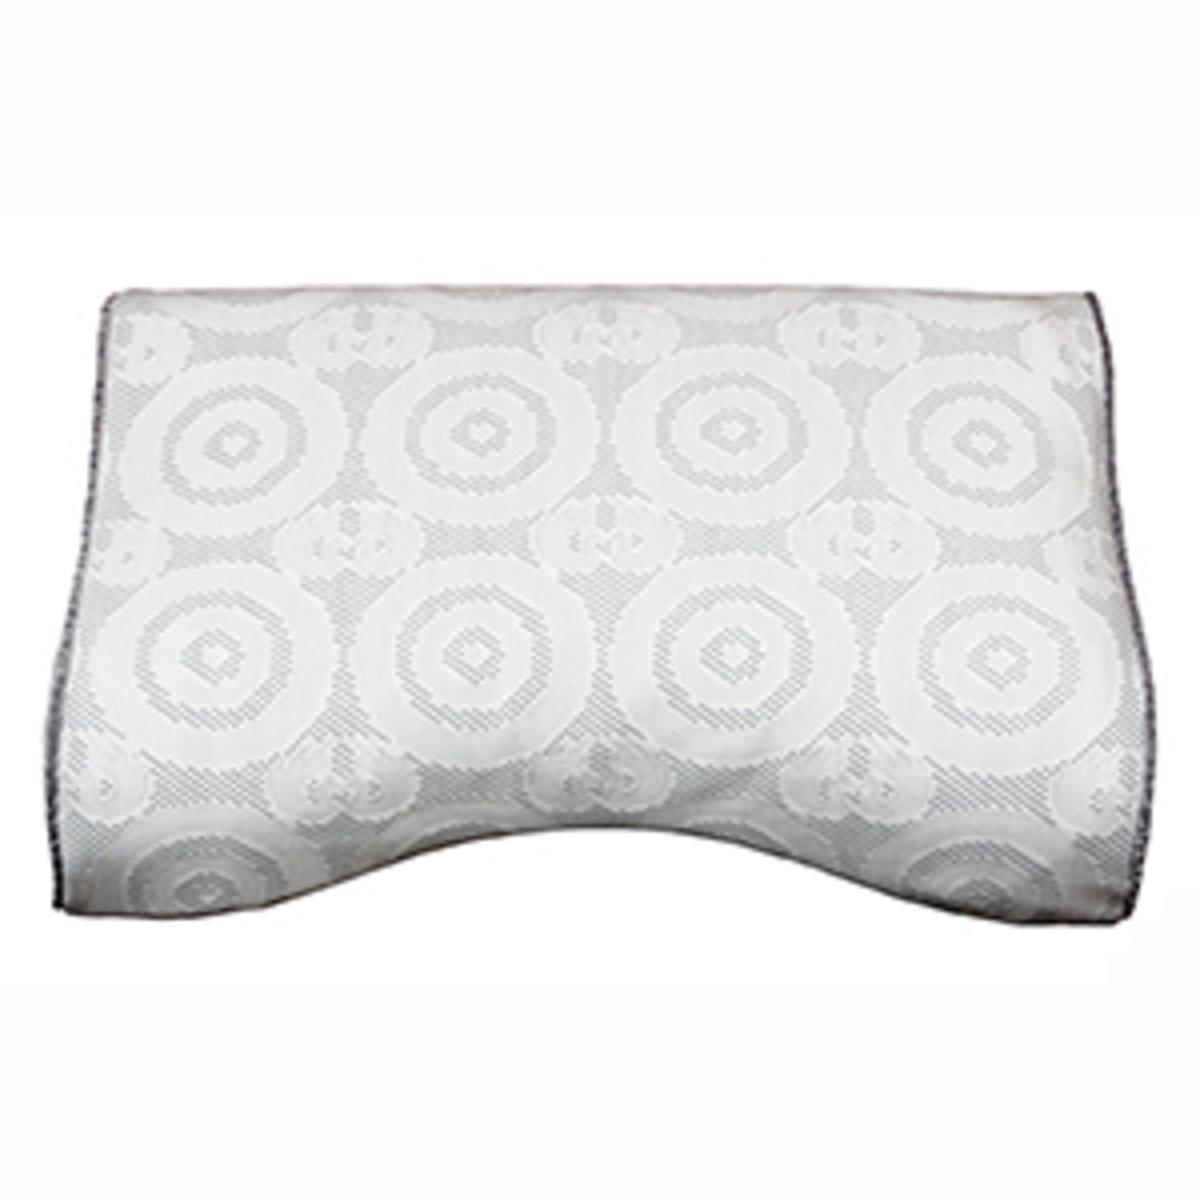 磁療健康枕